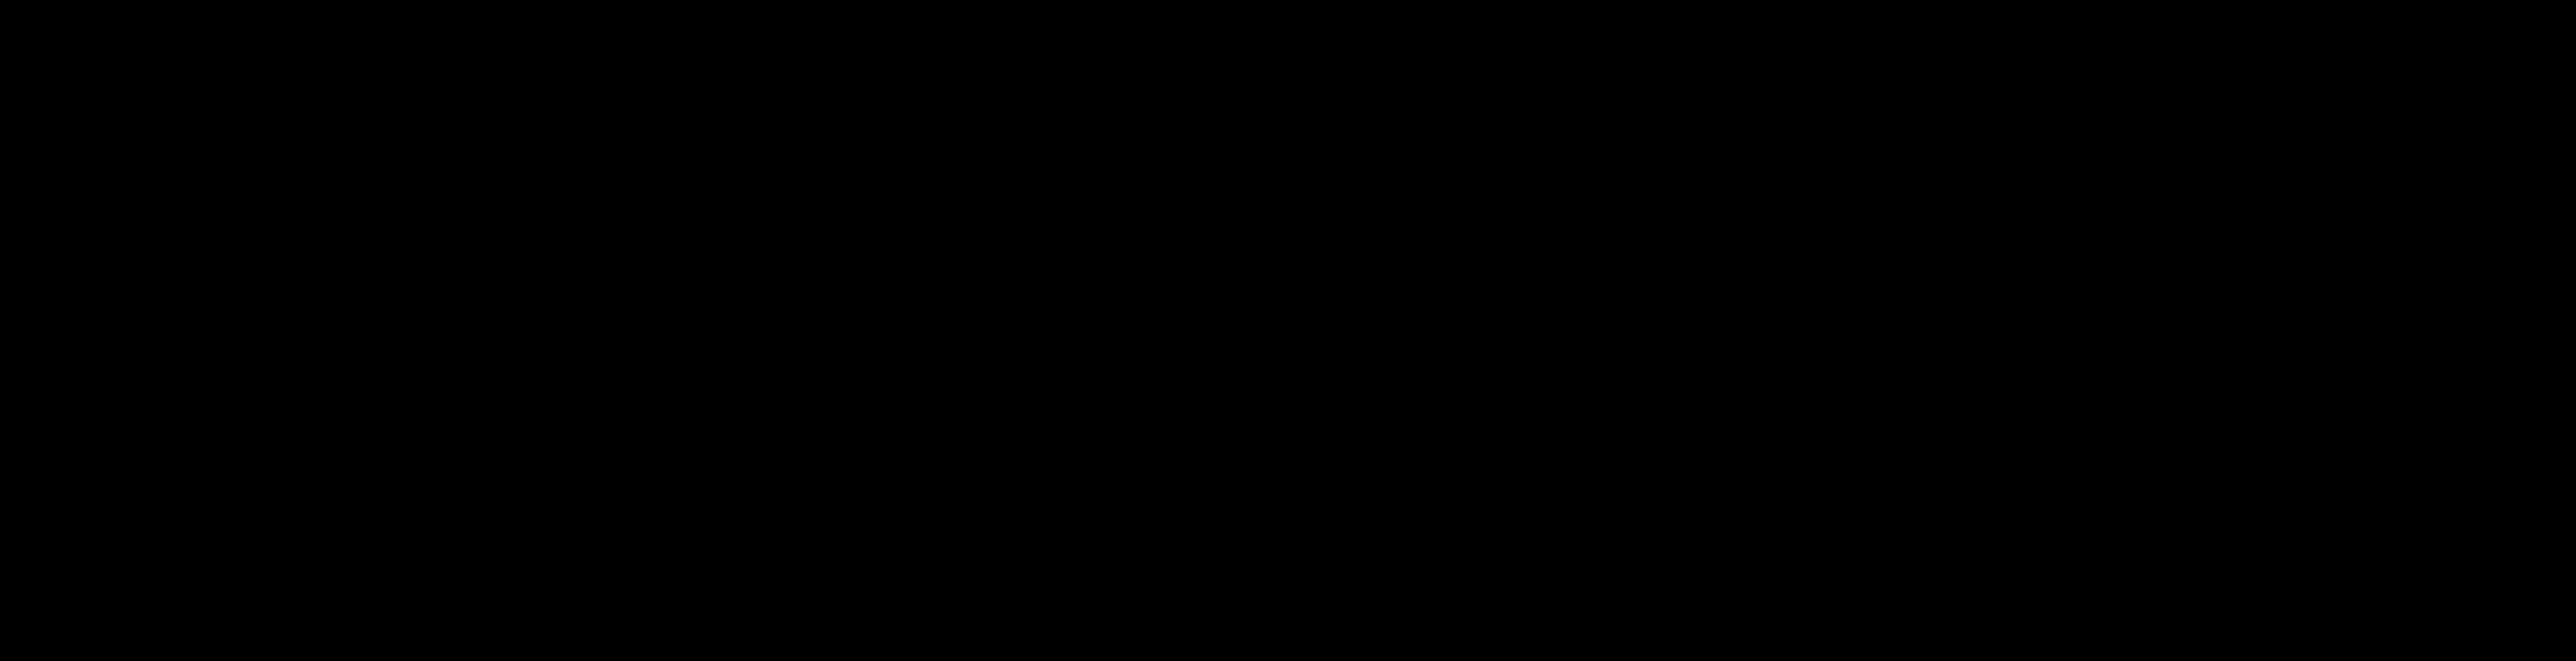 Nishitsu